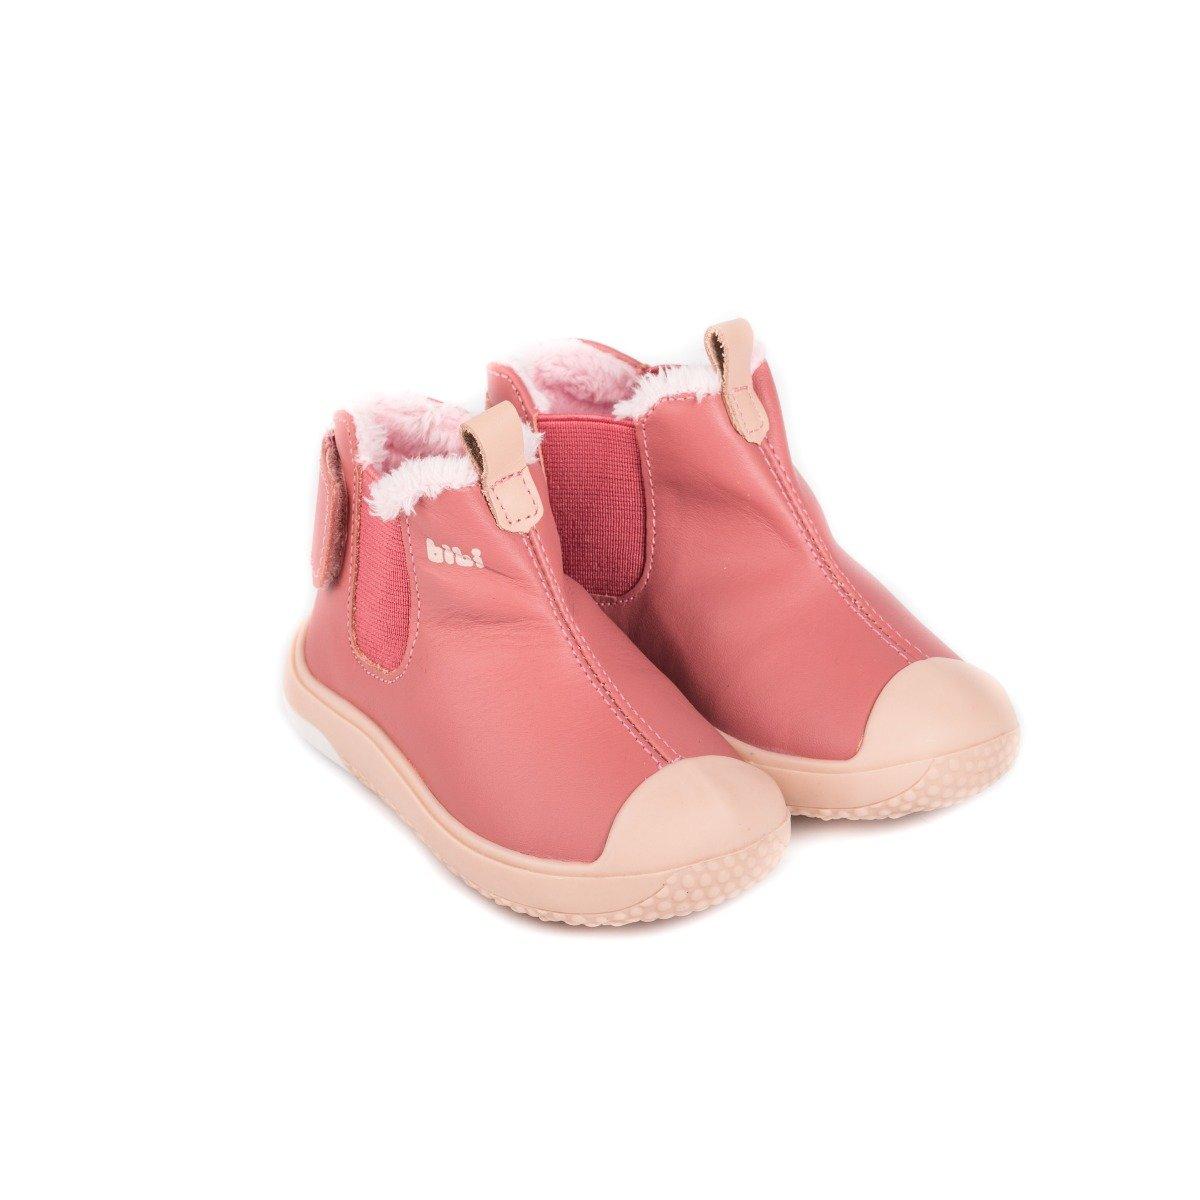 Ghete din piele cu blanita Bibi Shoes Prewalker imagine 2021